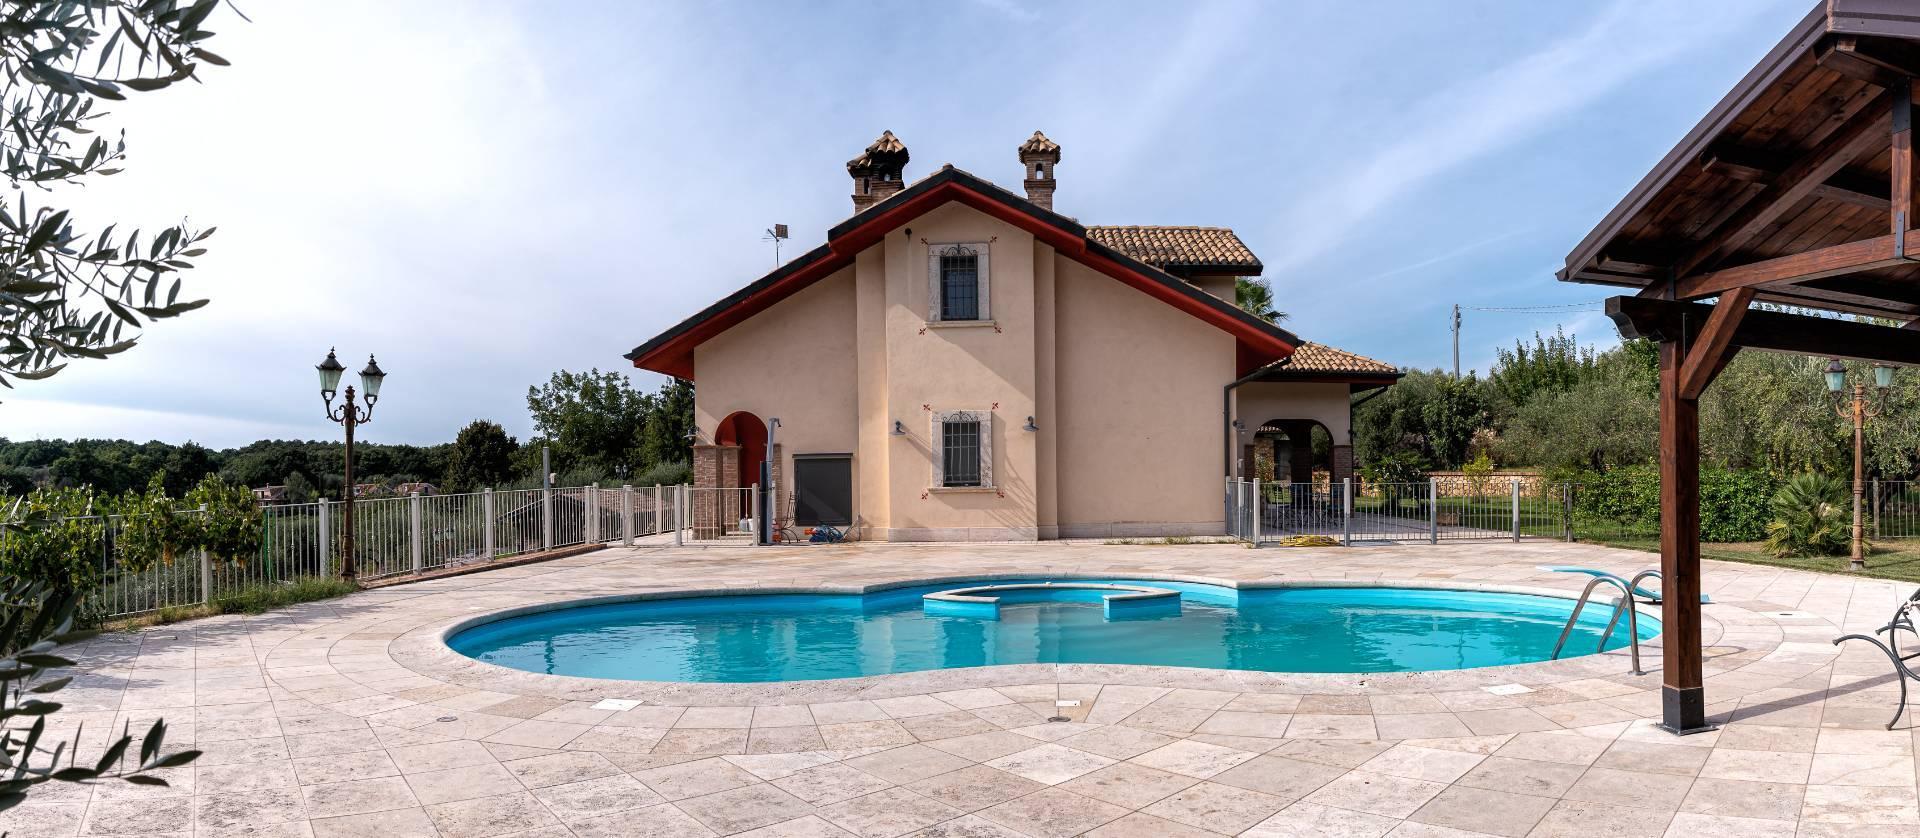 Villa in vendita a Sant'Angelo Romano, 10 locali, prezzo € 850.000 | CambioCasa.it